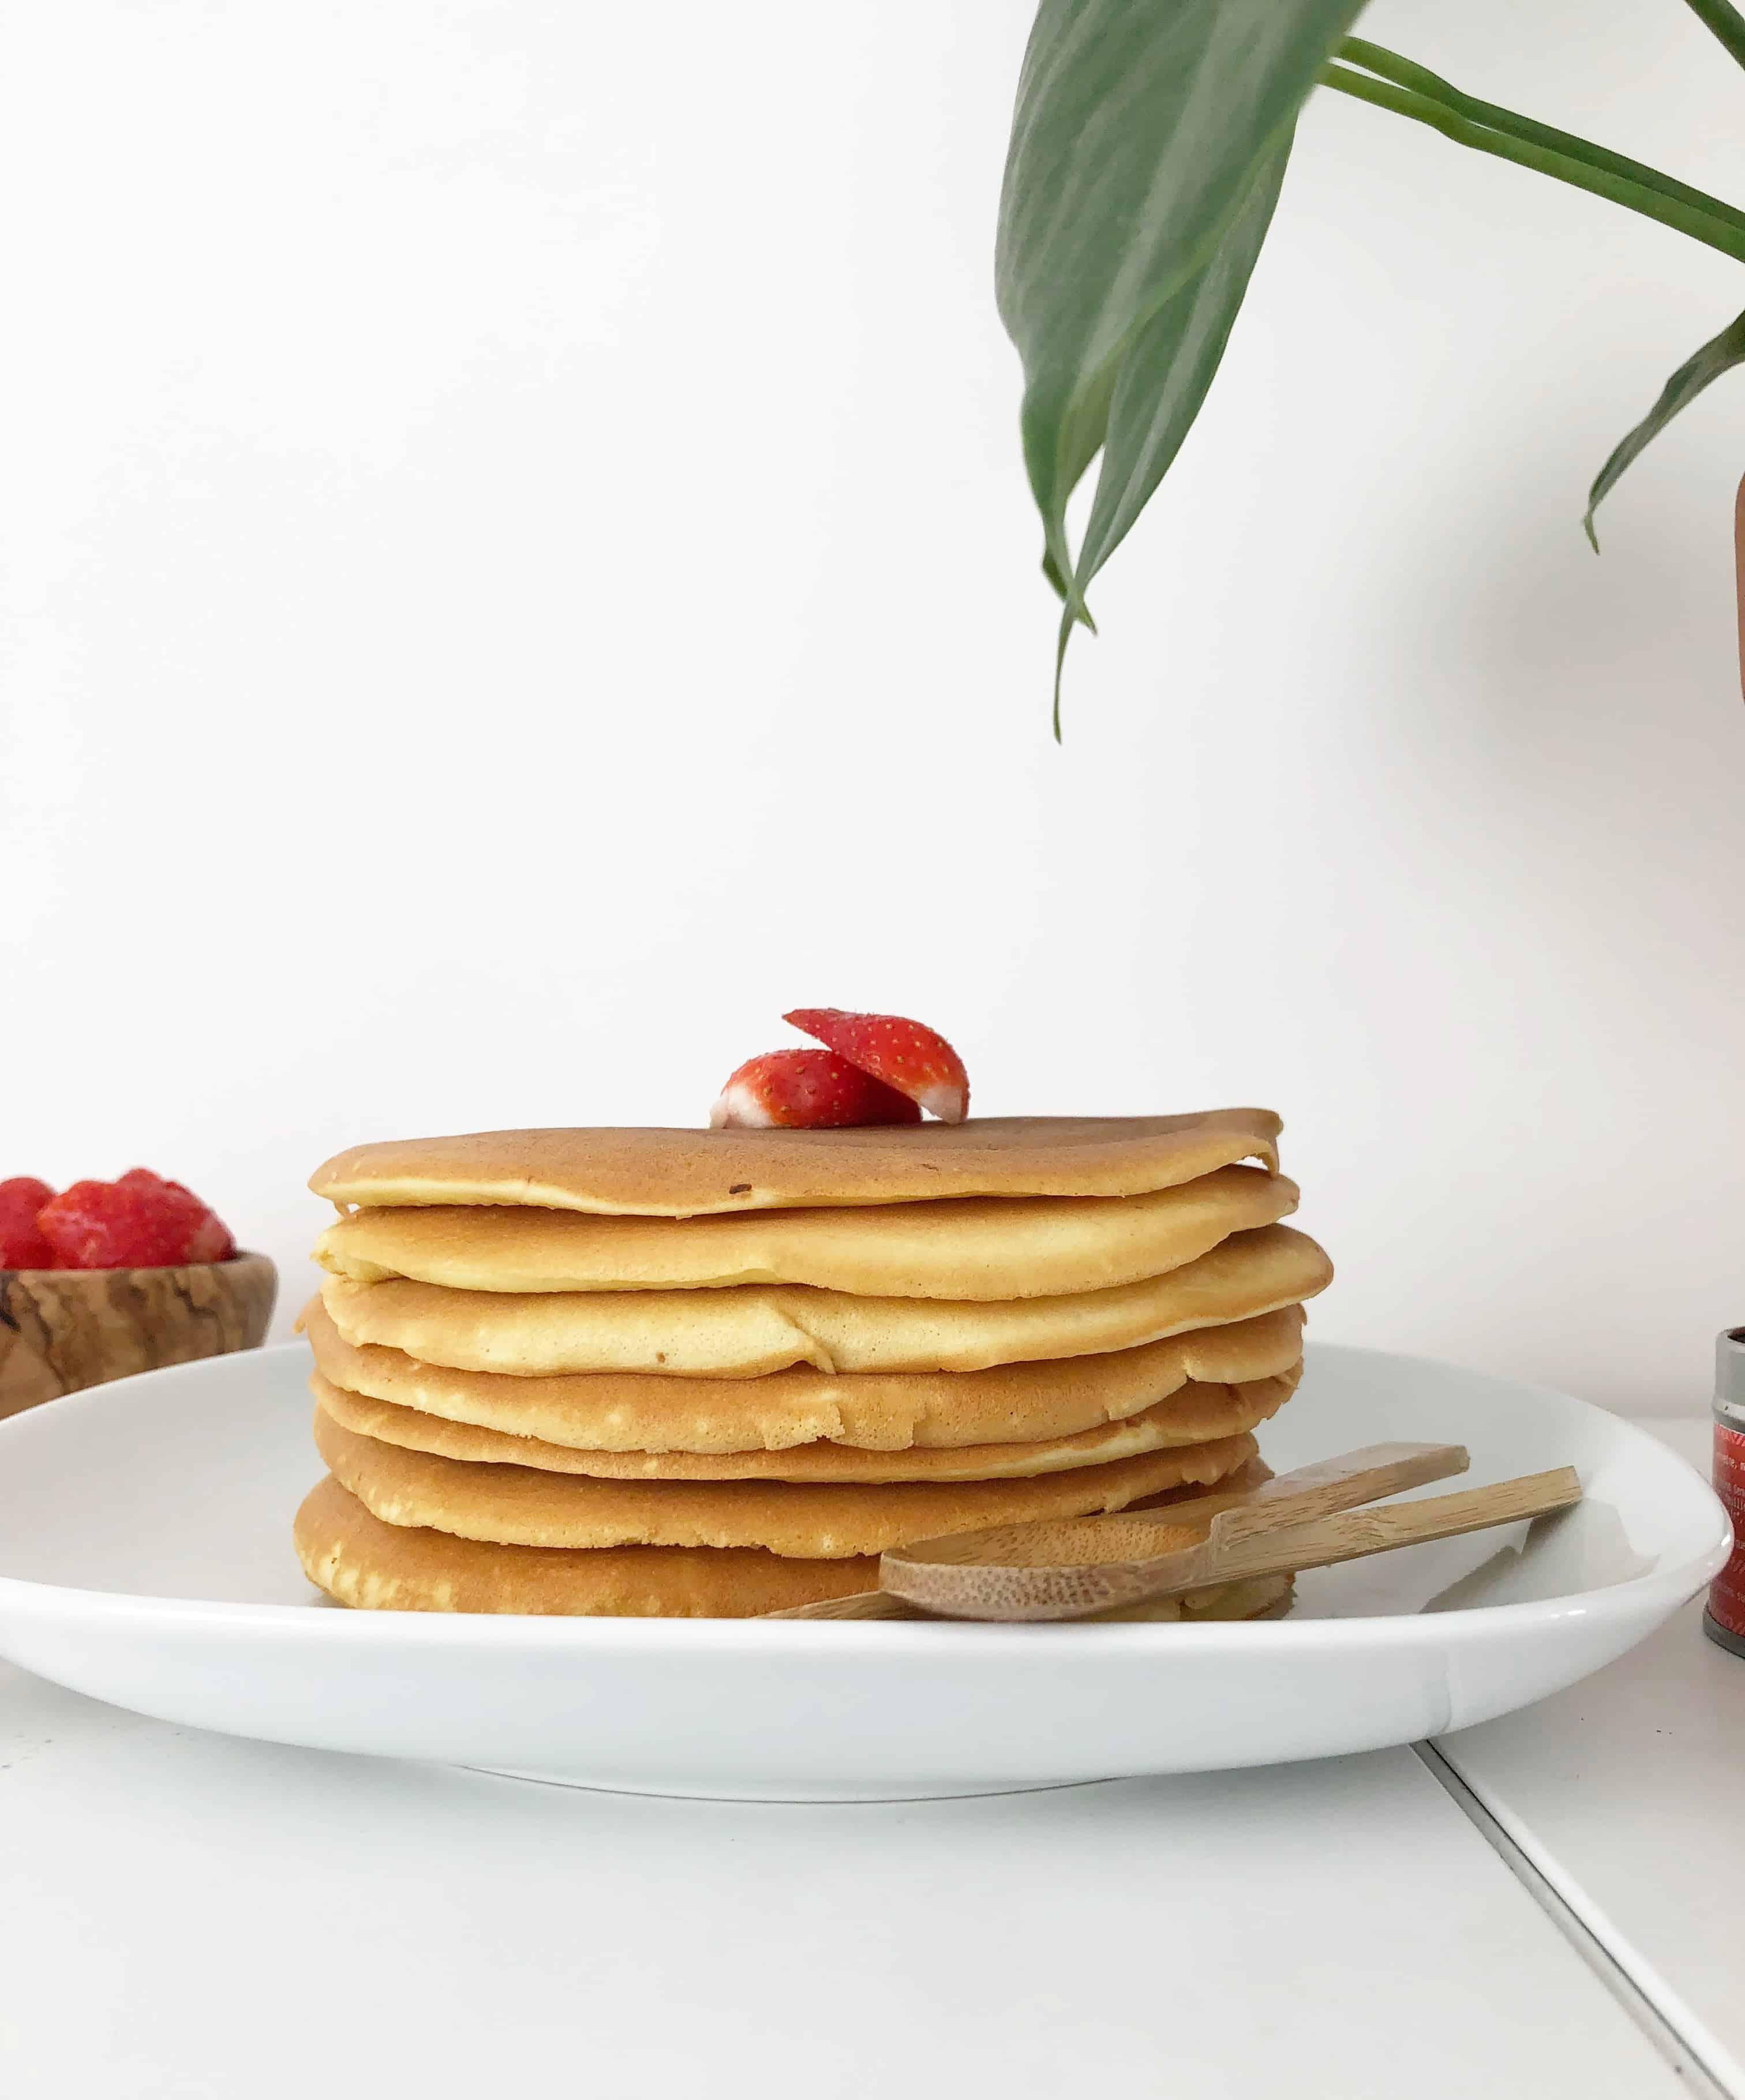 Il était un brunch : pancakes www.soodeco.fr/